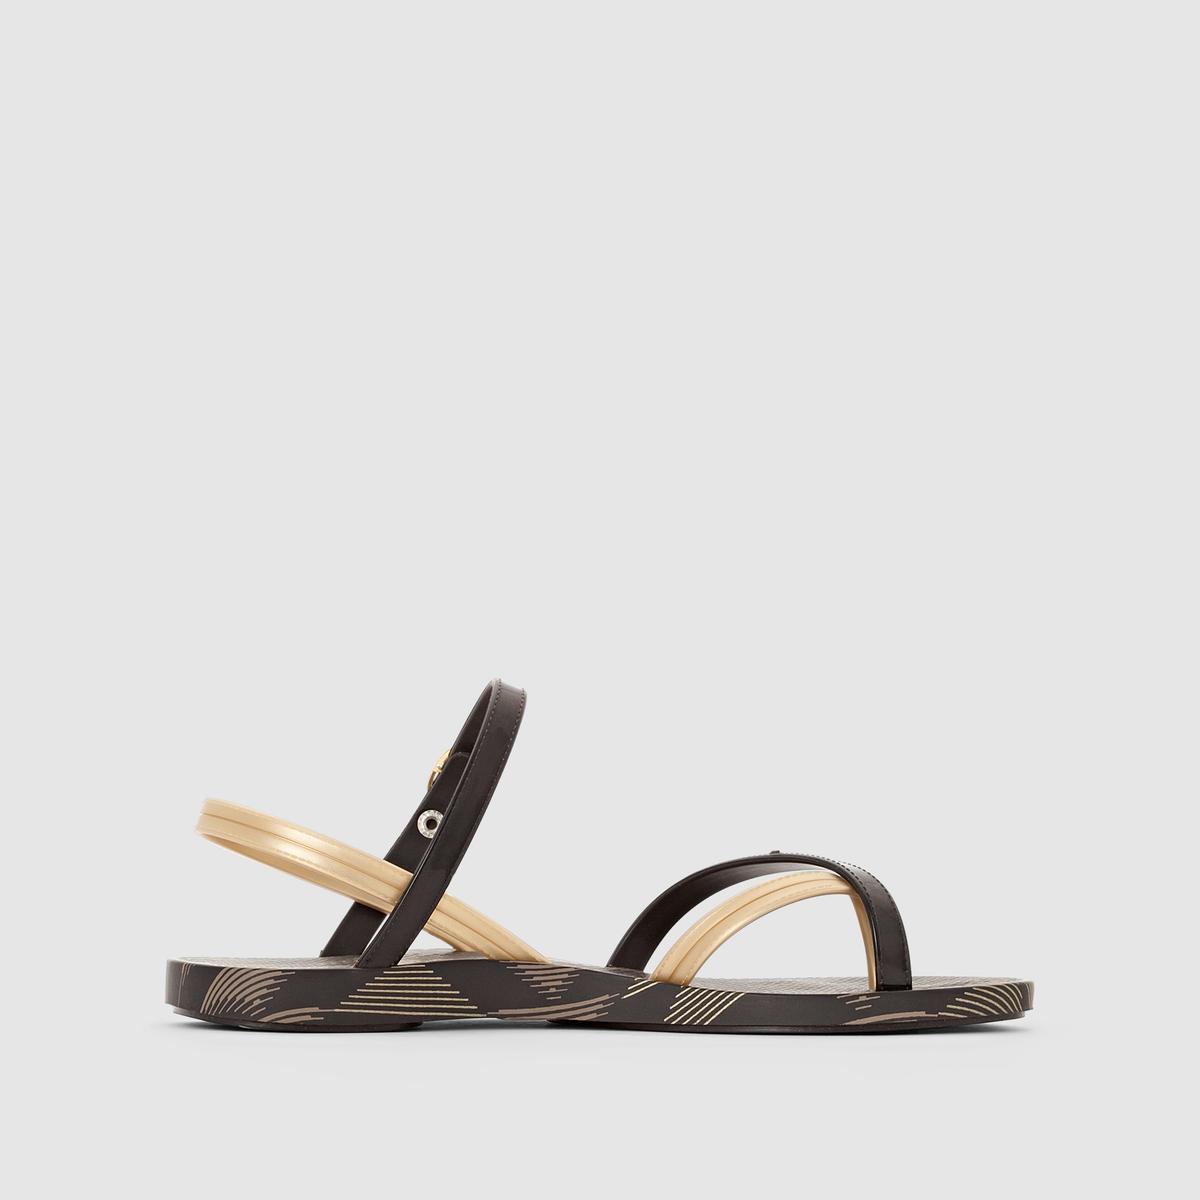 Сандалии женские Fashion Sandal IV FemВерх : Каучук   Стелька : Каучук   Подошва : Каучук   Форма каблука : плоский каблук.   Мысок : открытый мысок   Застежка : без застежки<br><br>Цвет: черный<br>Размер: 37